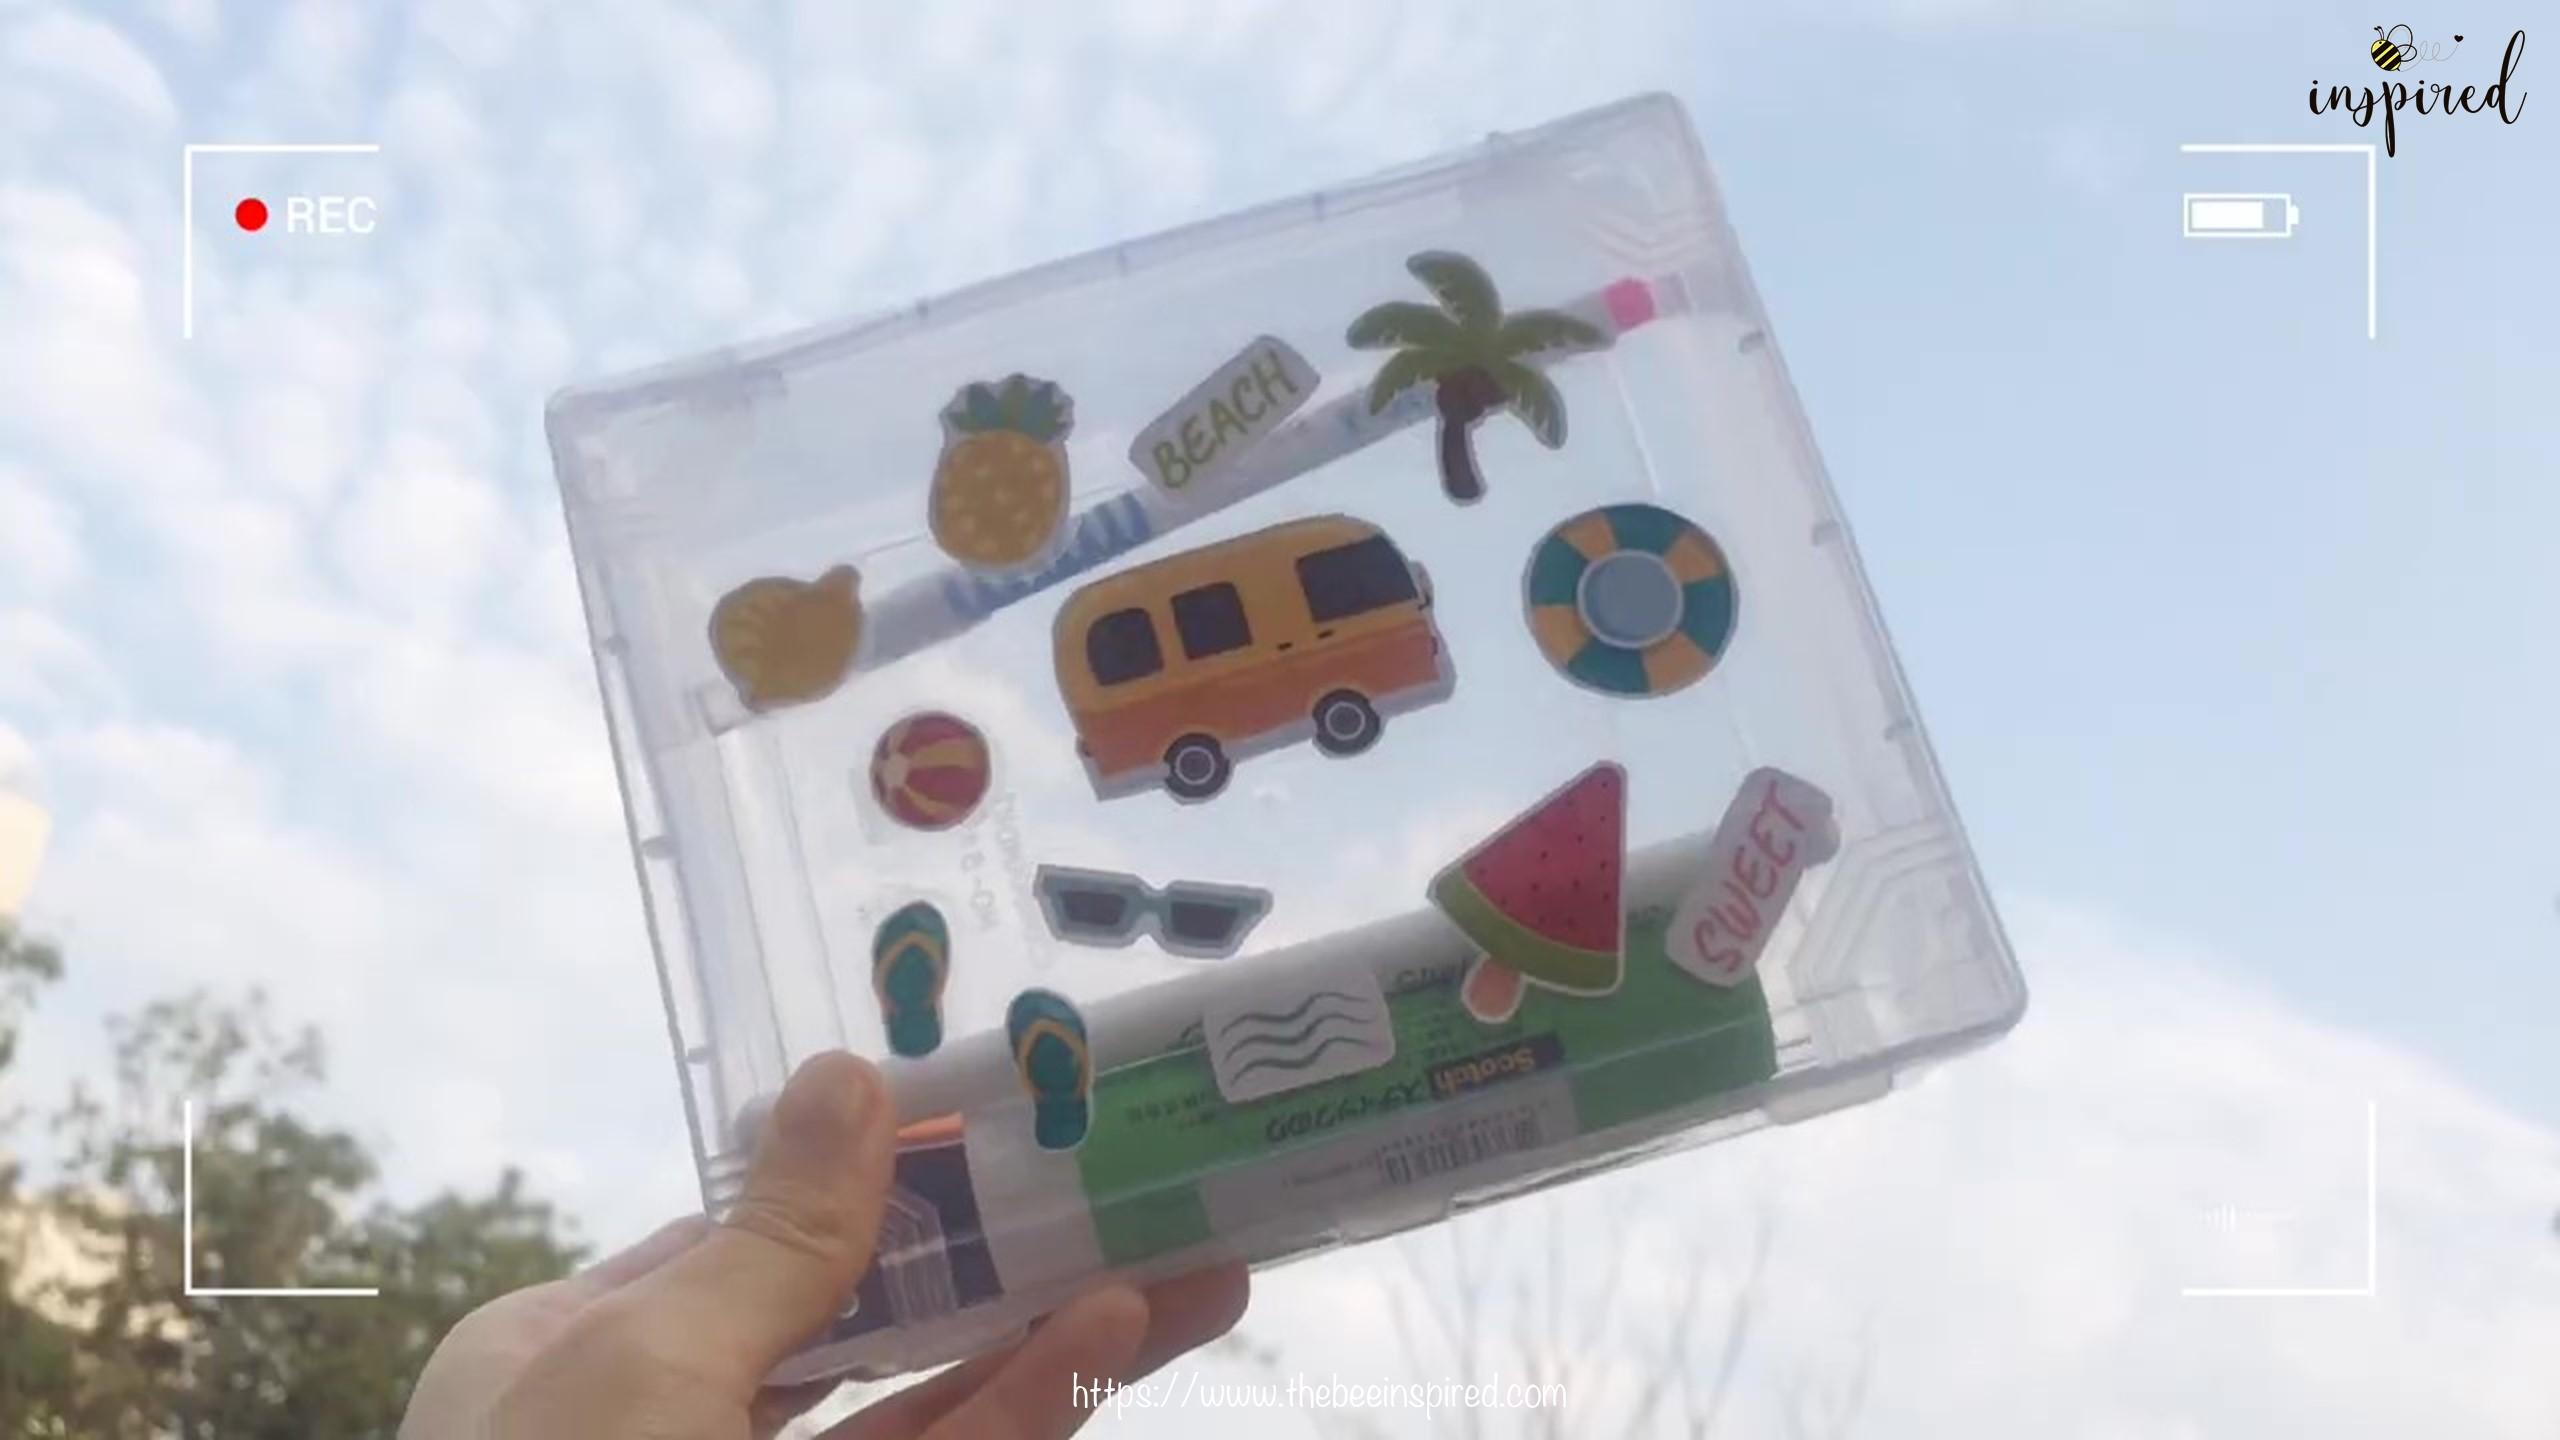 วิธีทำสติ๊กเกอร์ง่ายๆ ด้วยสก็อตเทปใส_ (Easy DIY) How to Make Sticker from Clear Packaging Tape_9